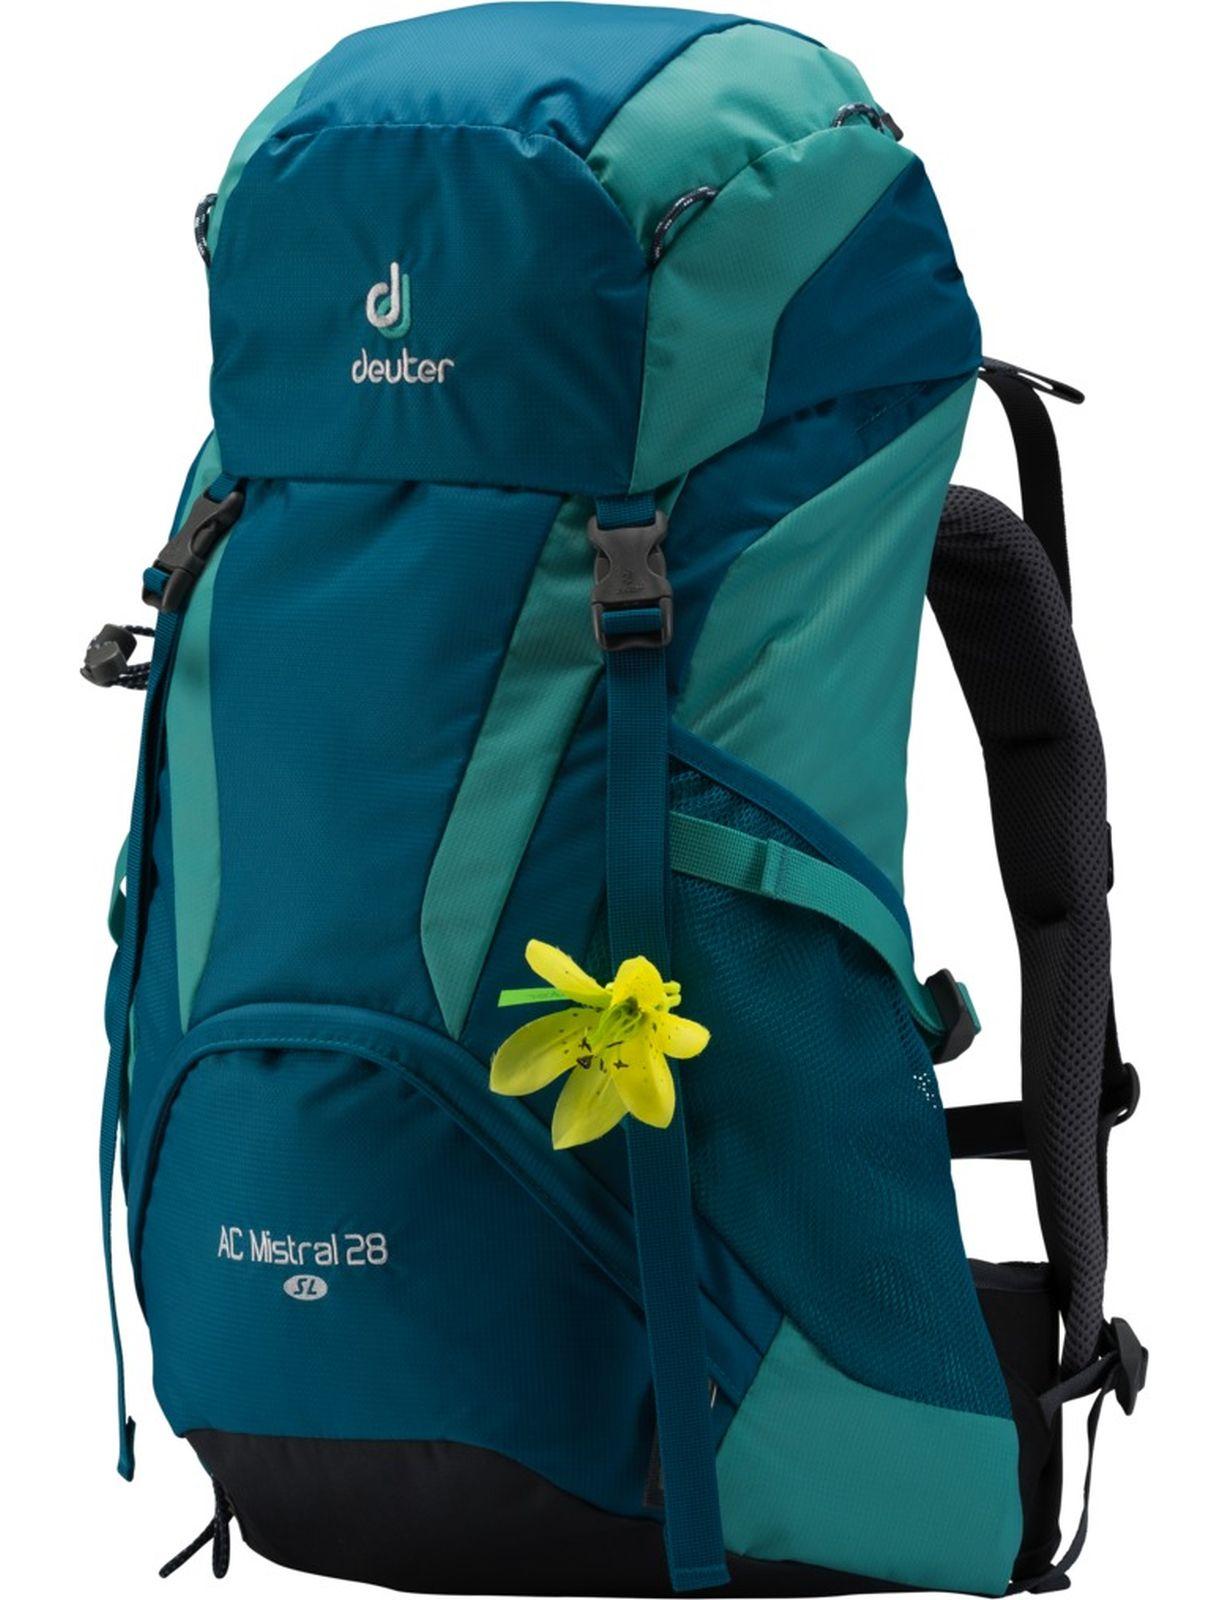 714e55e06da3c Der strapazierfähige Frauen Wander- und Trekkingrucksack